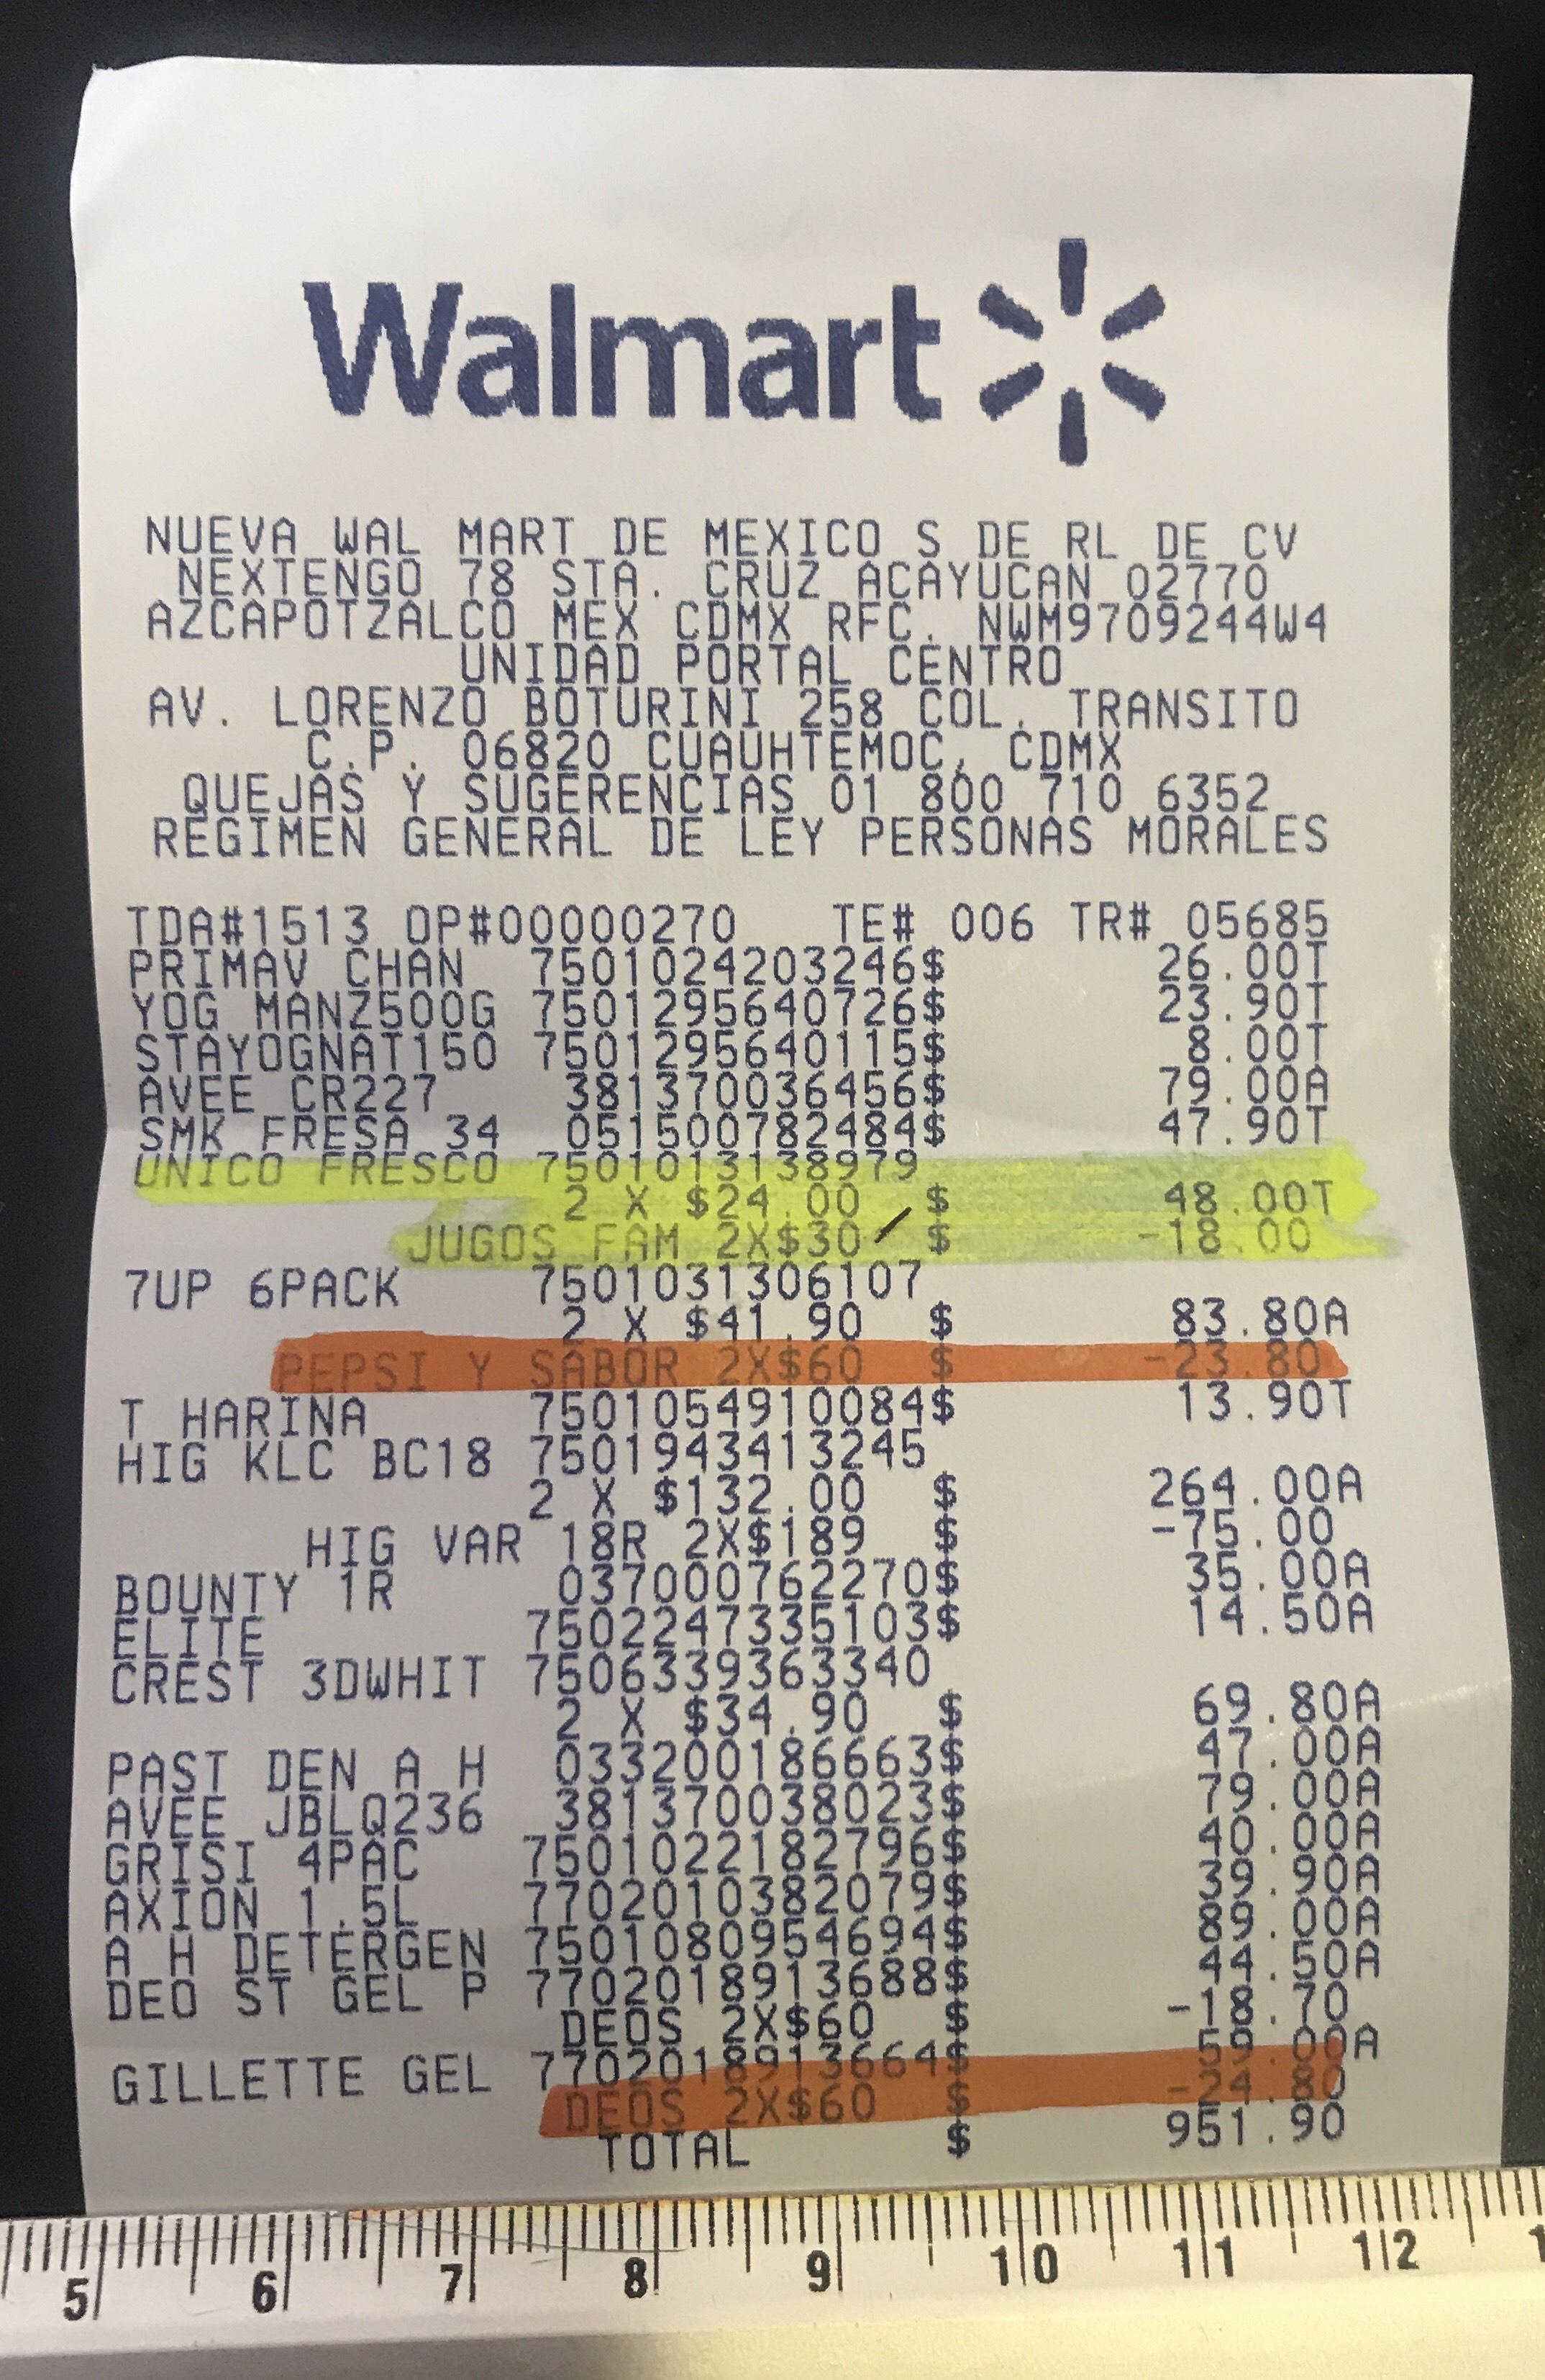 Walmart: Refrescos 7UP 12x$60 y más